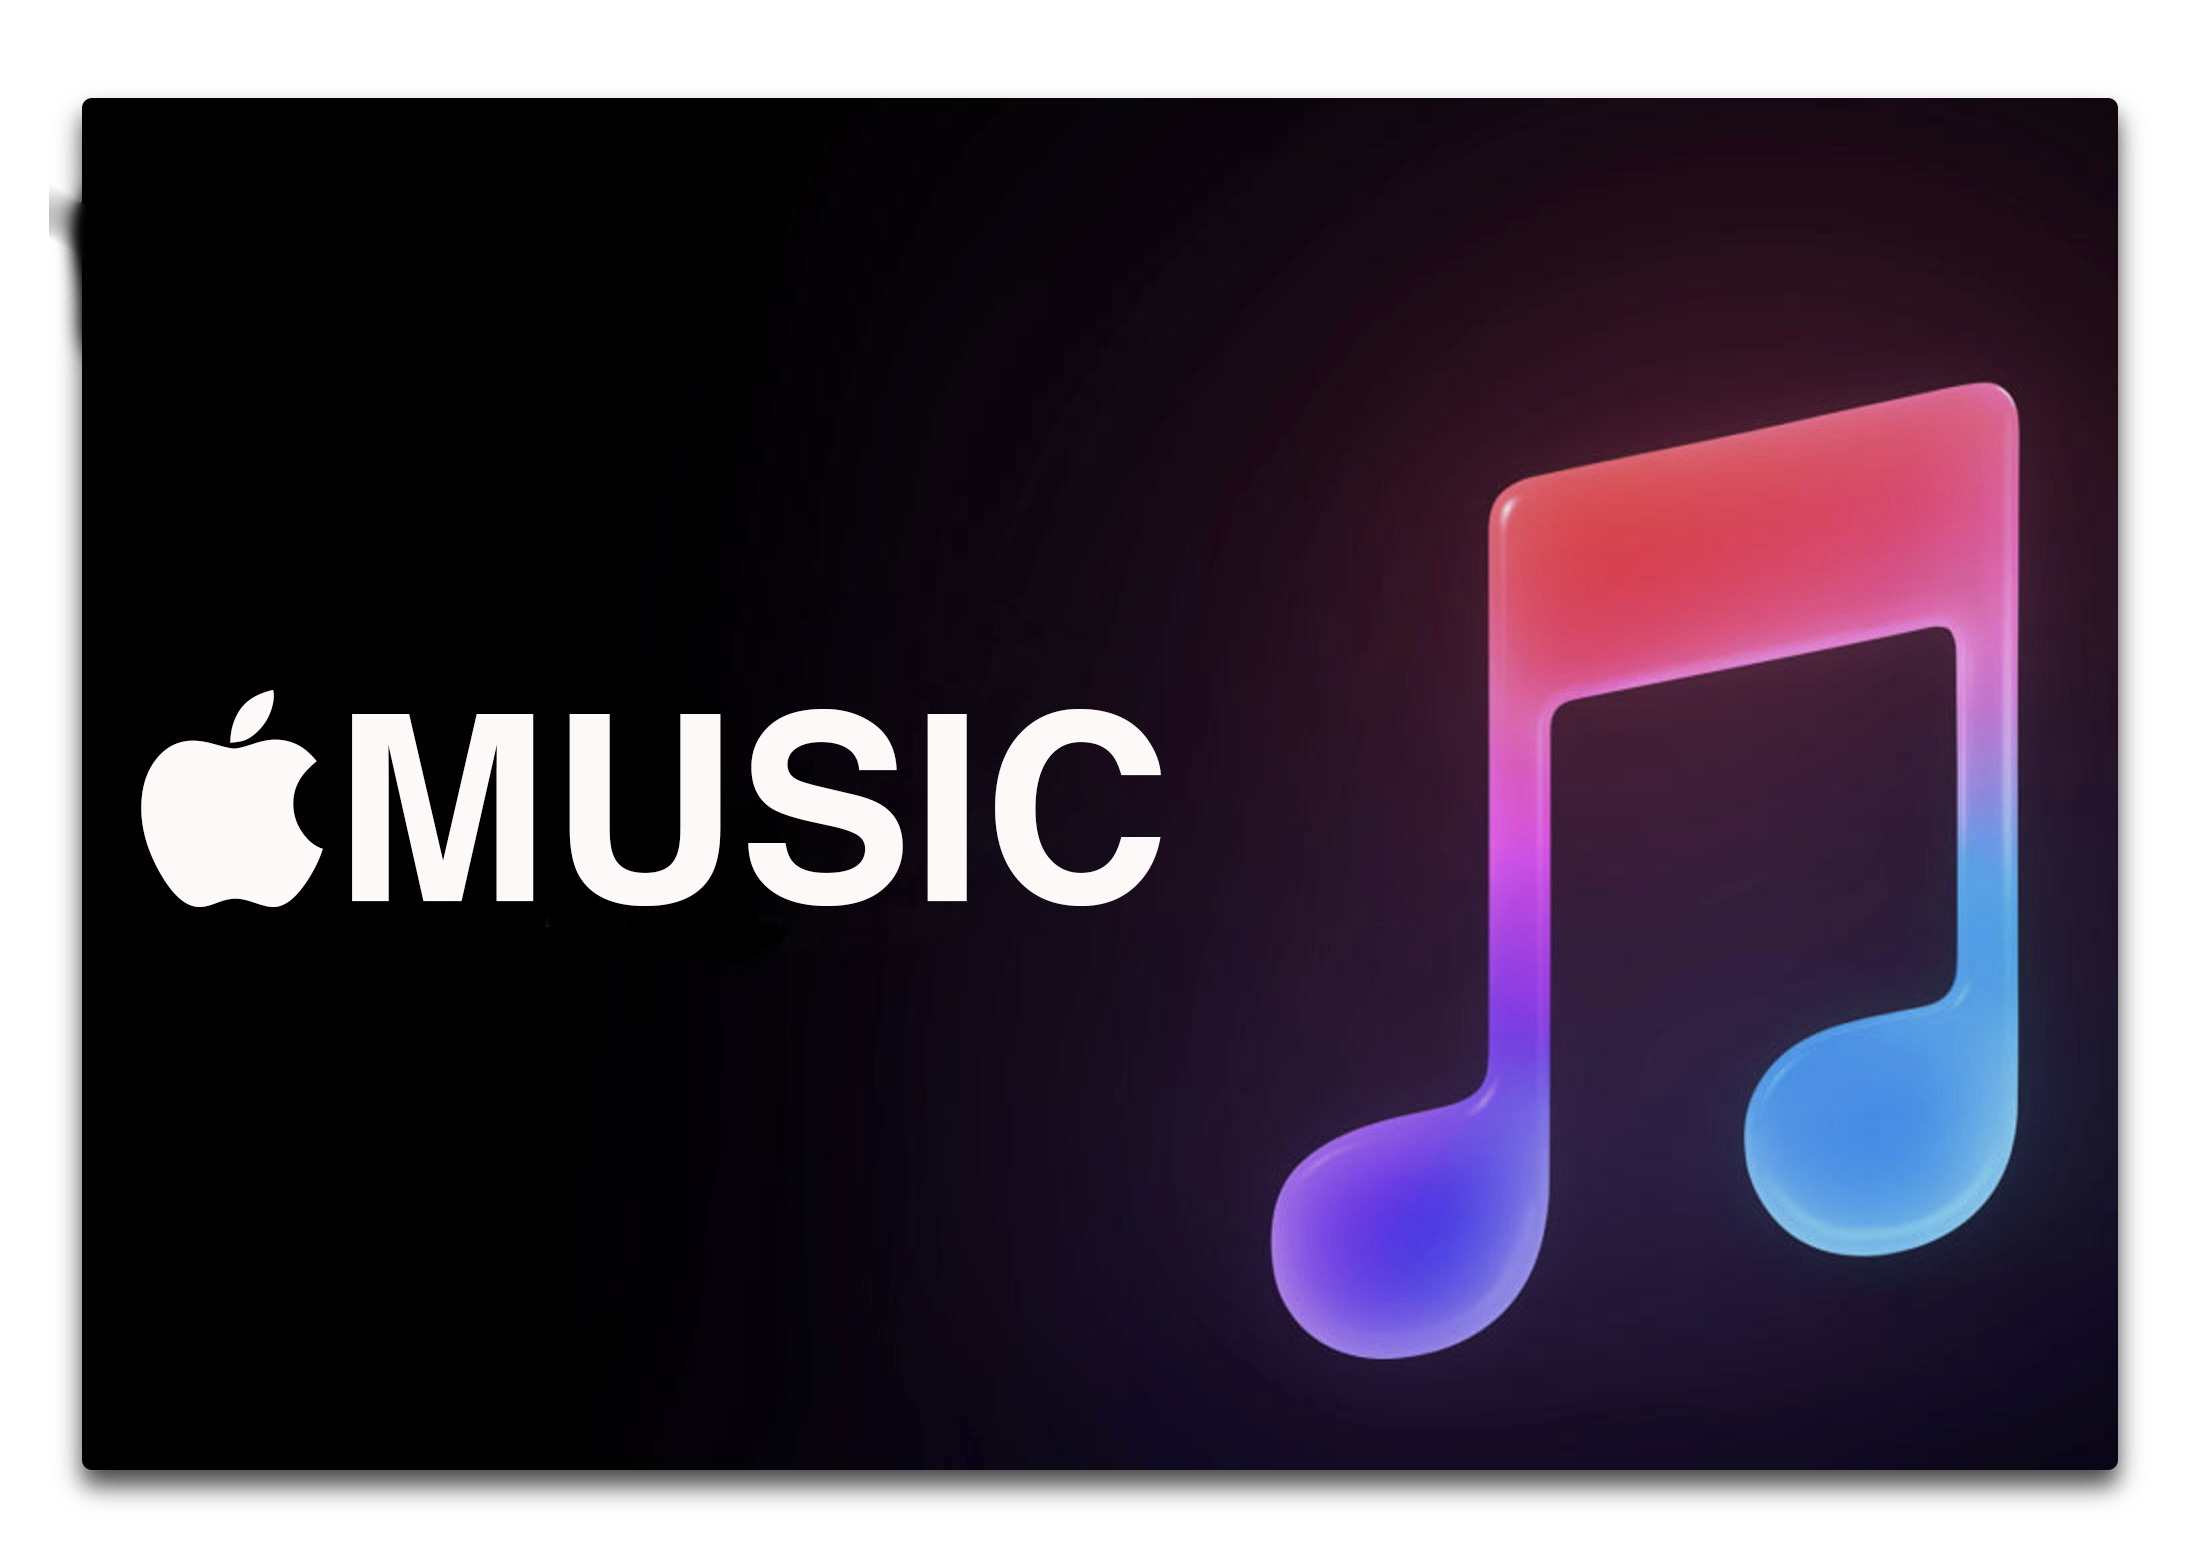 有料加入者、Spotifyは7,500万人でApple Musicは4,000万人